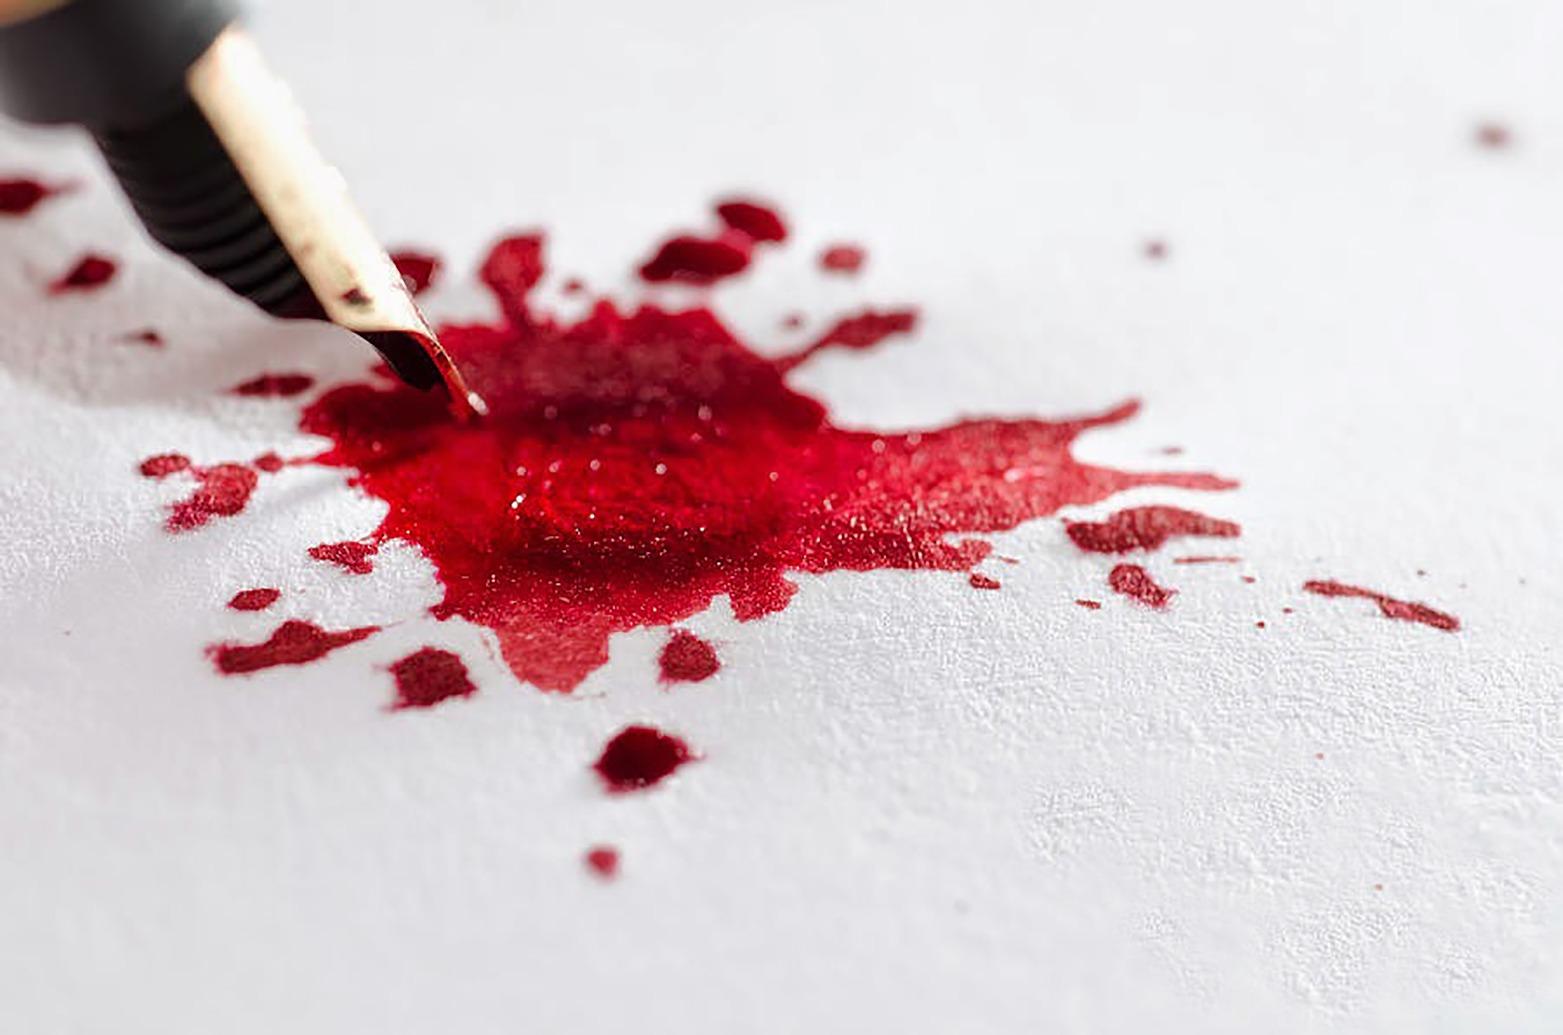 Запрещенная книга, написанная кровью Саддама Хуссейна